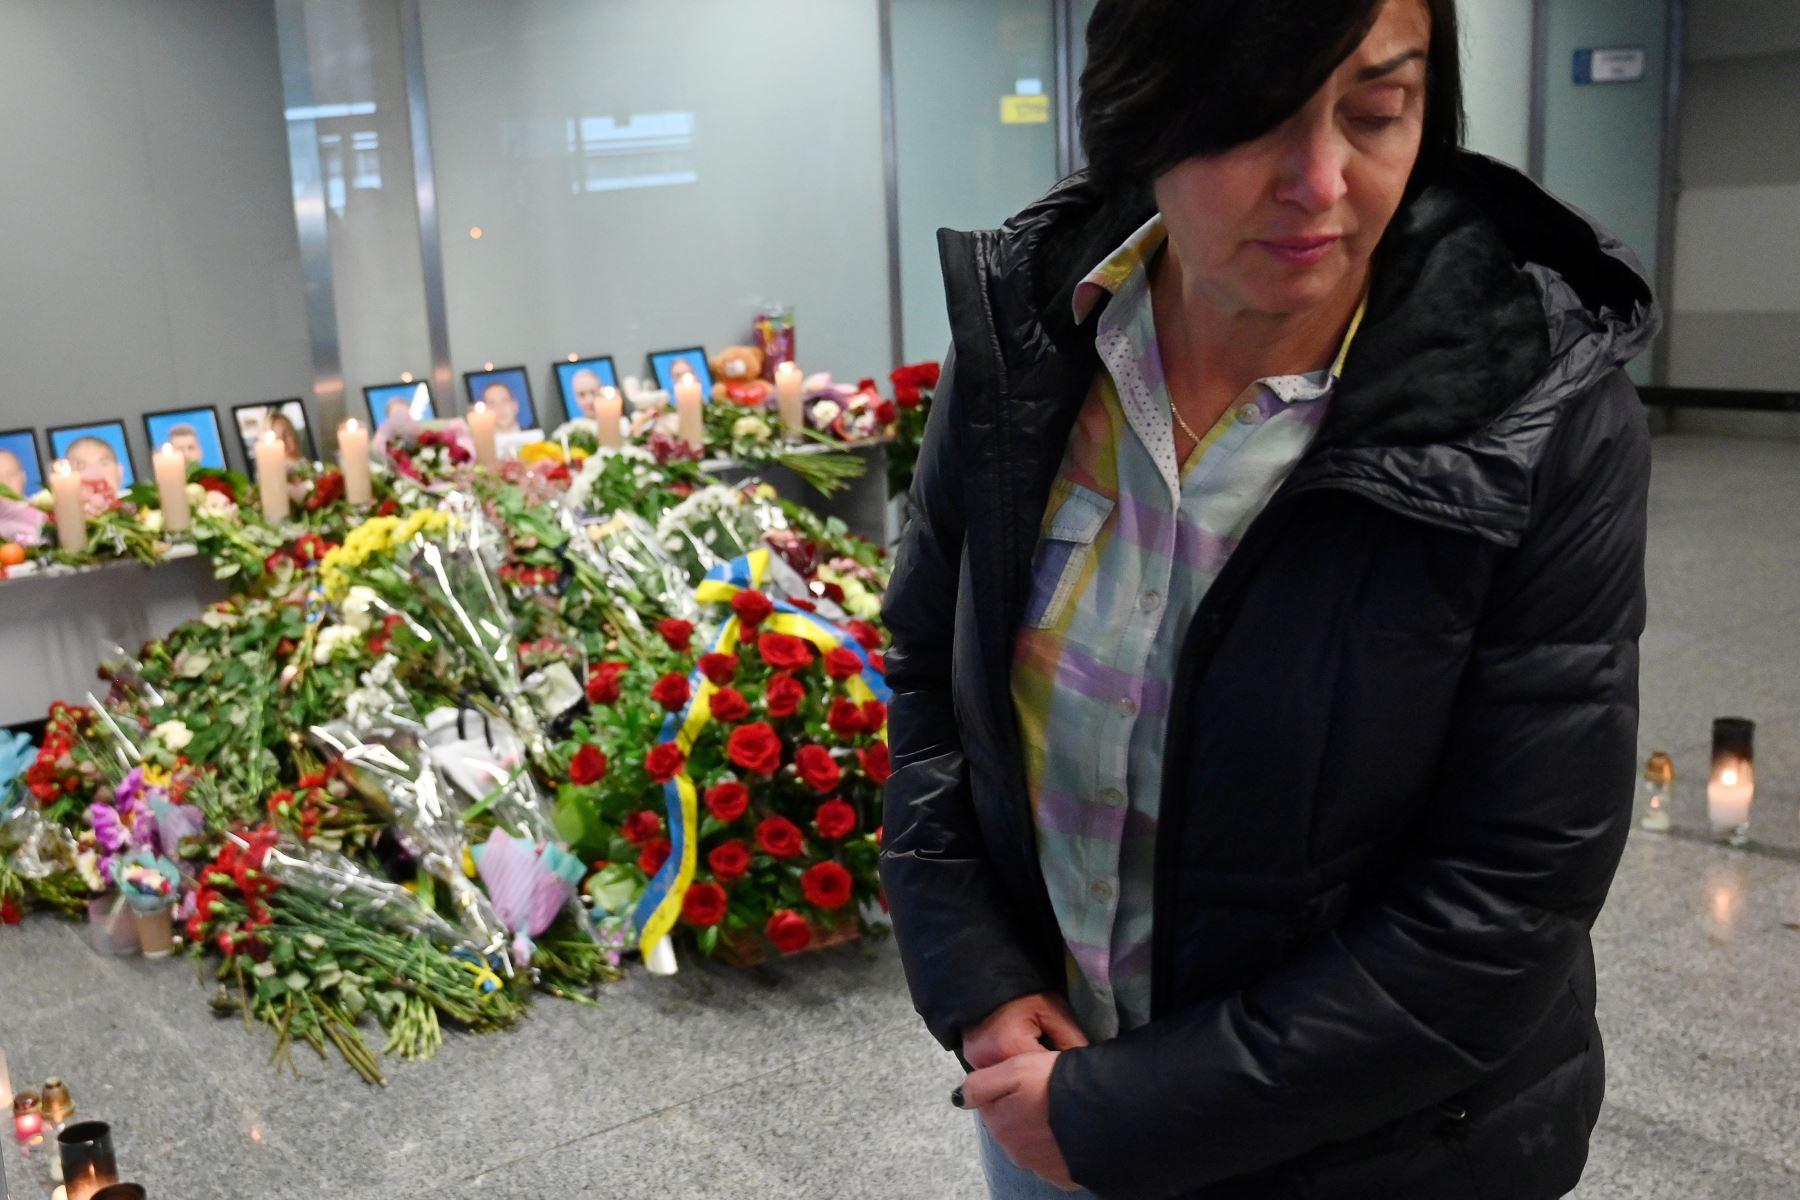 Una mujer reacciona en el aeropuerto de Boryspil, en las afueras de Kiev, mientras rinde homenaje en un monumento improvisado a las víctimas del Boeing 737-800 de Ukraine International Airlines que se estrelló cerca de la capital iraní, Teherán. Foto: AFP